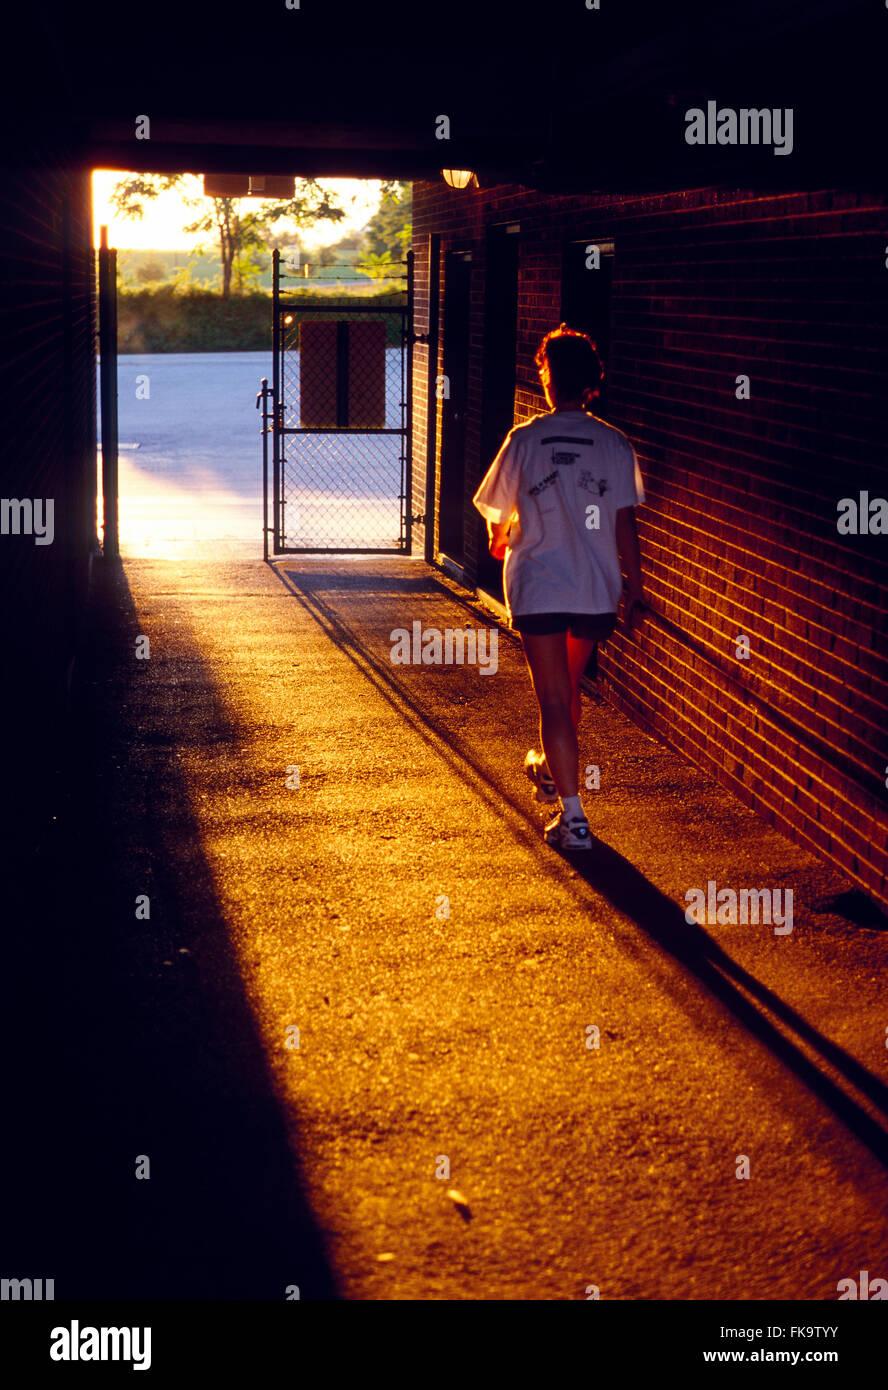 Puesta de sol ilumina el estadio de corredoras, dejando la vía a través del túnel Foto de stock